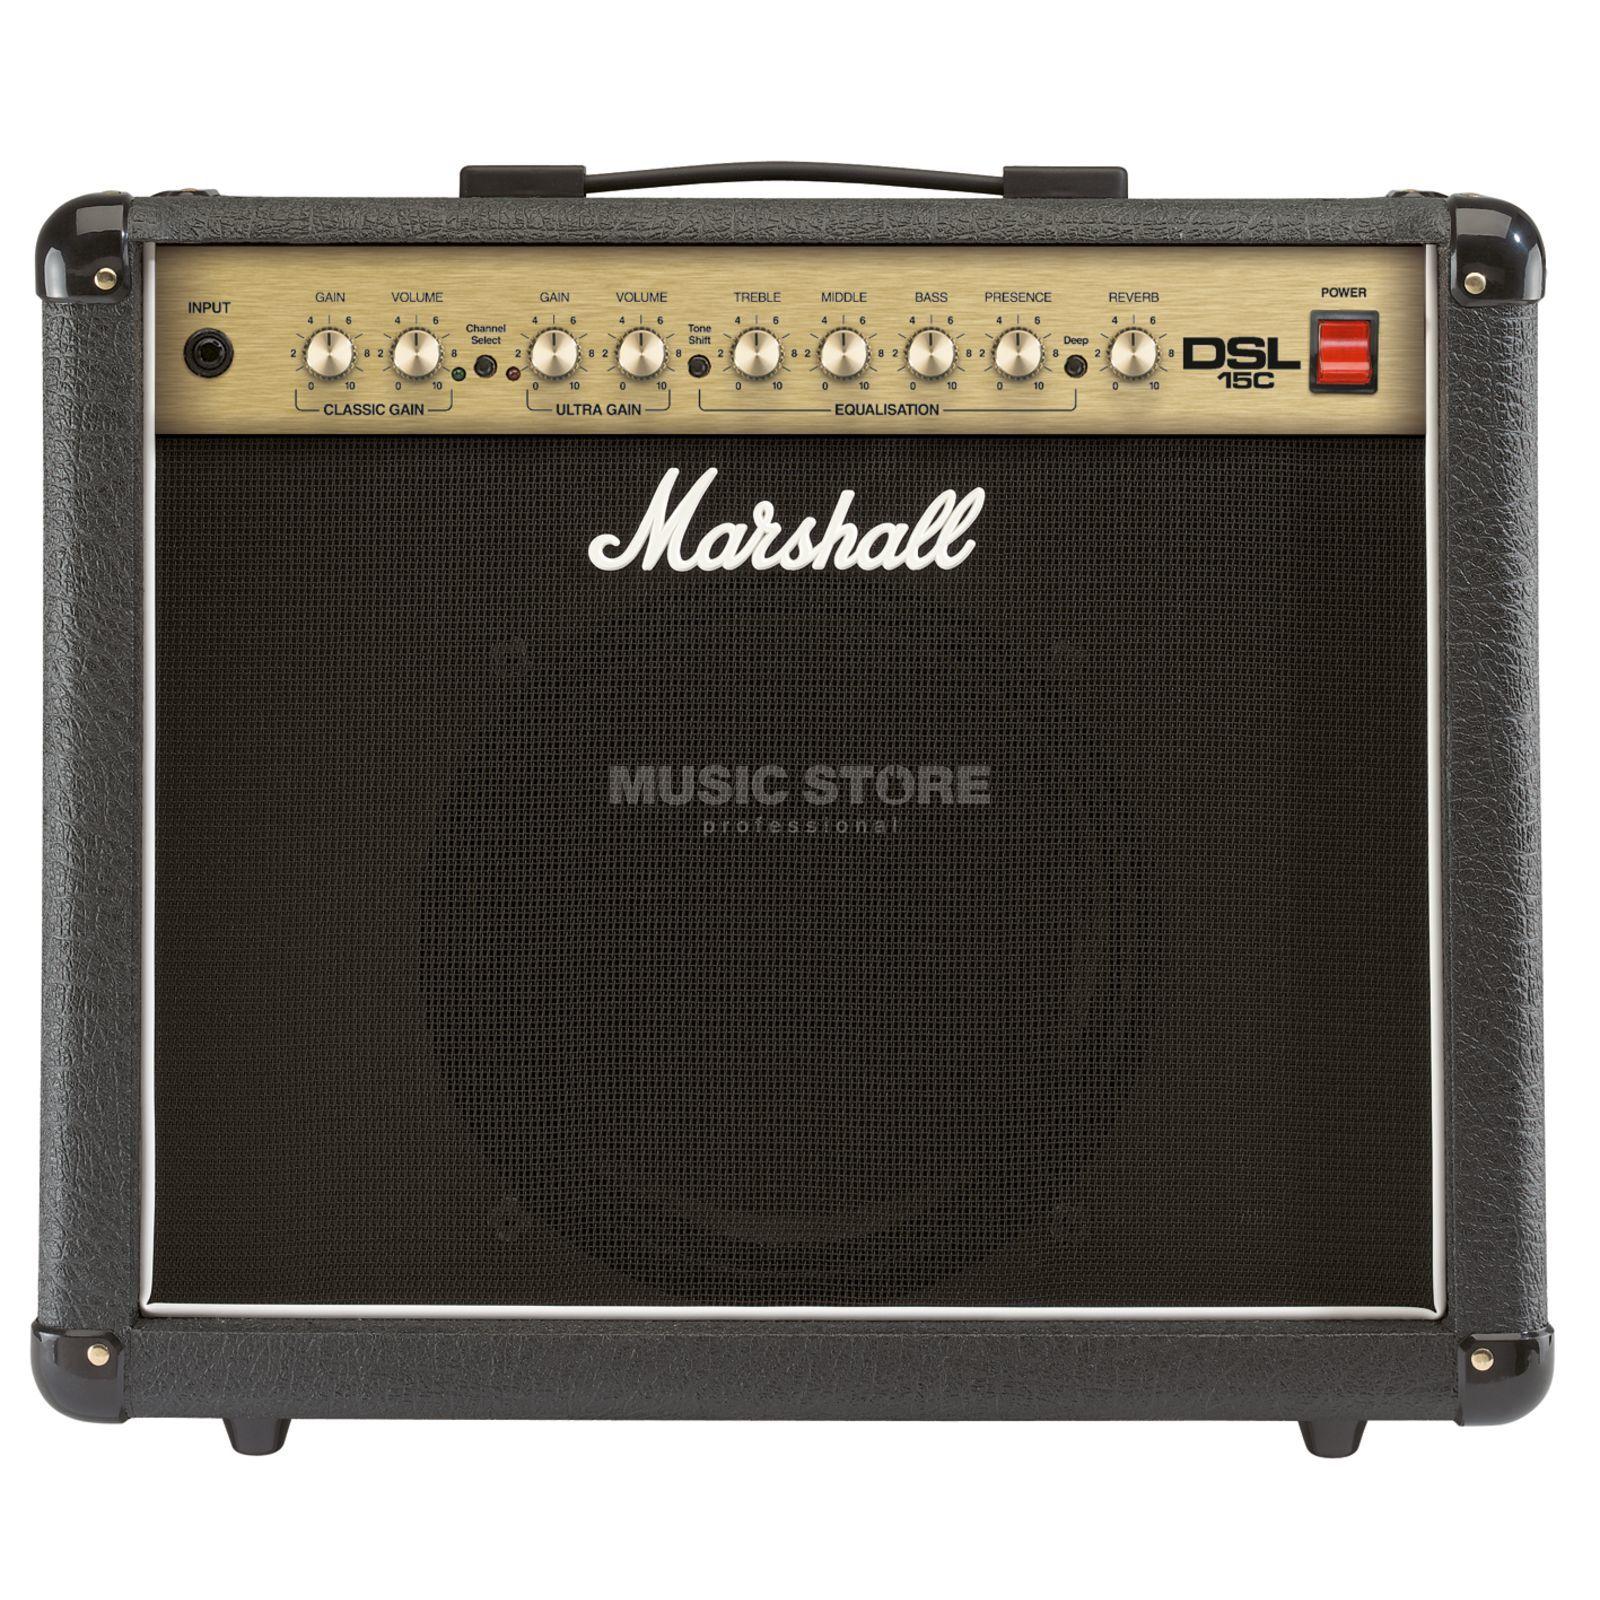 marshall dsl15c guitar valve amp combo. Black Bedroom Furniture Sets. Home Design Ideas